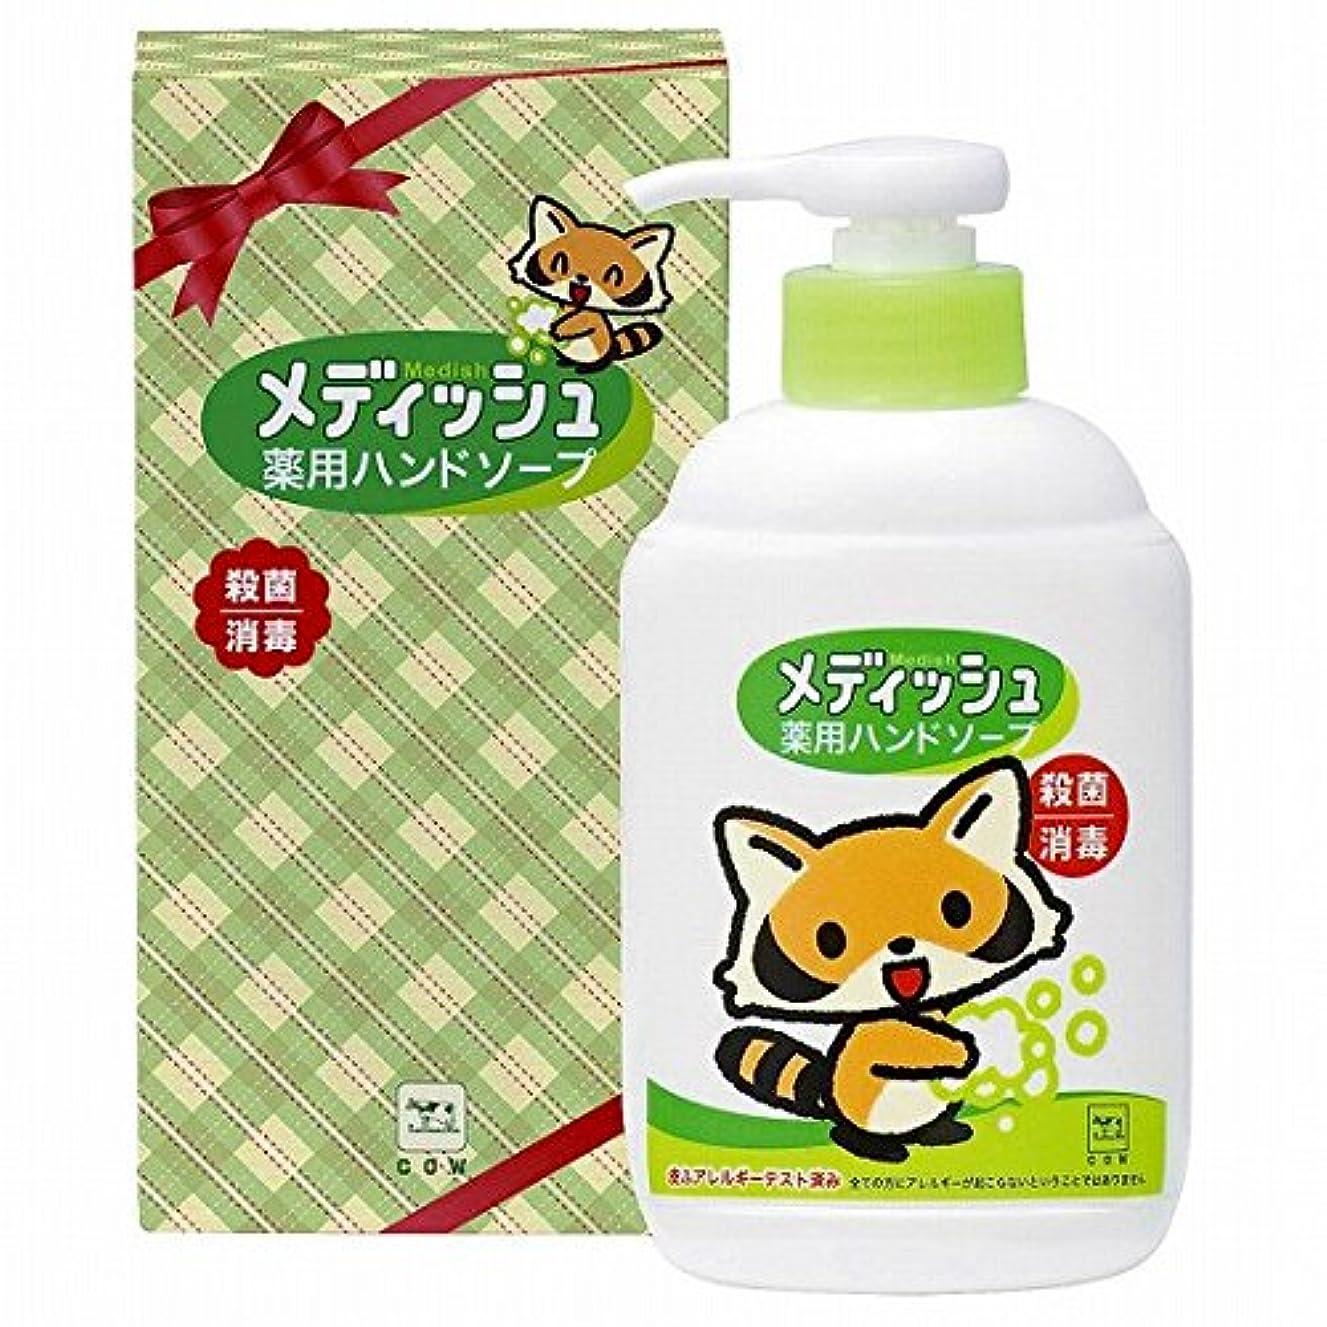 使役メロン予知nobrand 牛乳石鹸 メディッシュ 薬用ハンドソープ 250ml 箱入(MS35)